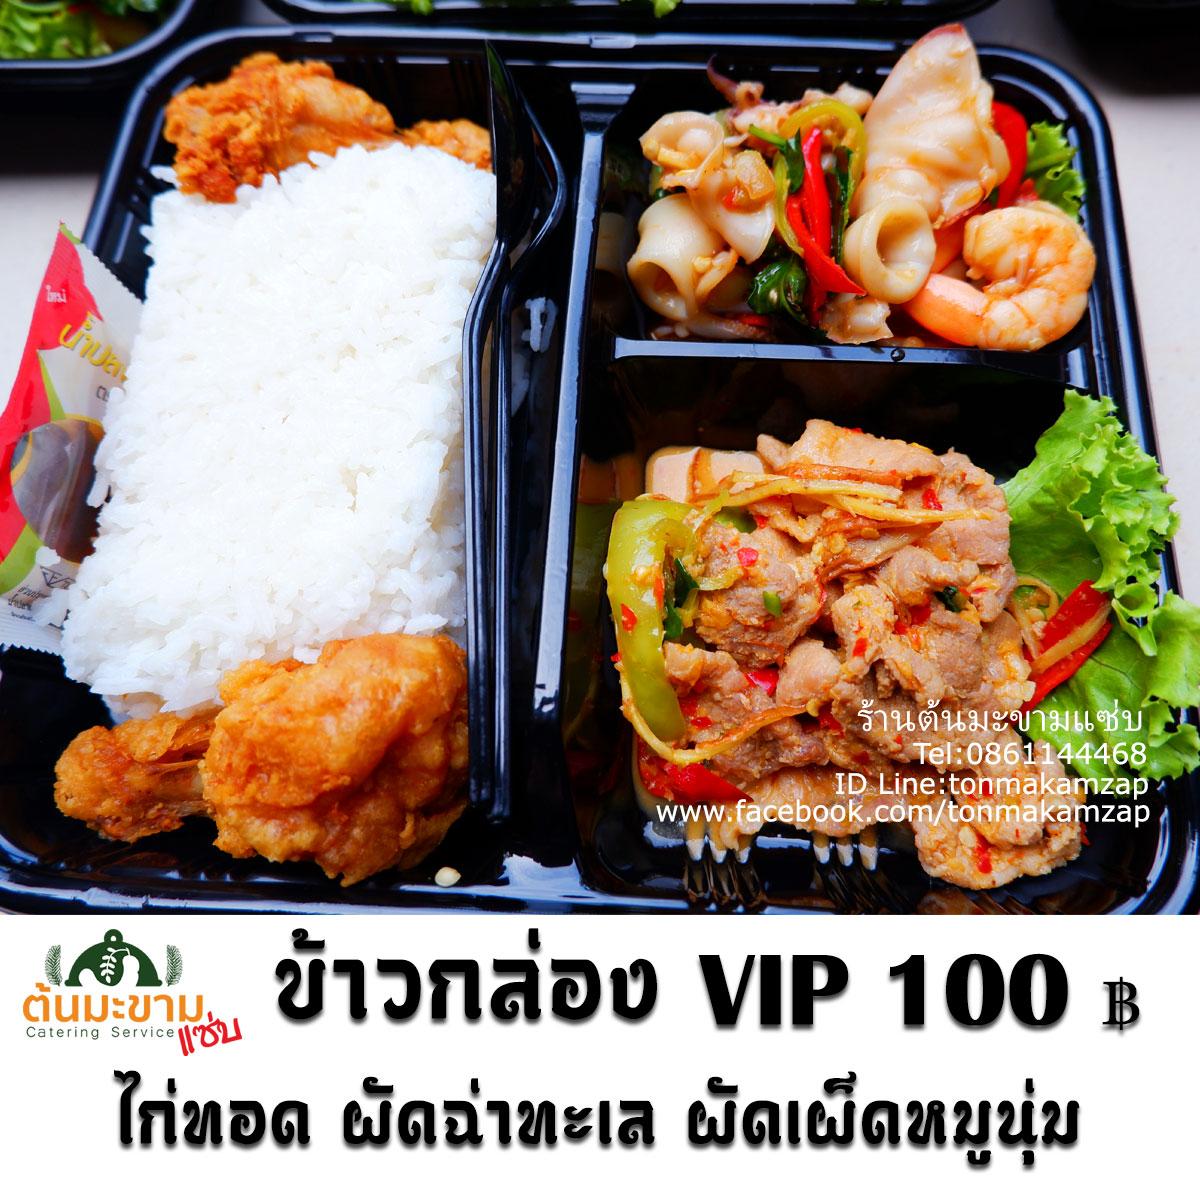 อาหารจัดประชุม สำหรับชุดข้าวกล่อง VIP